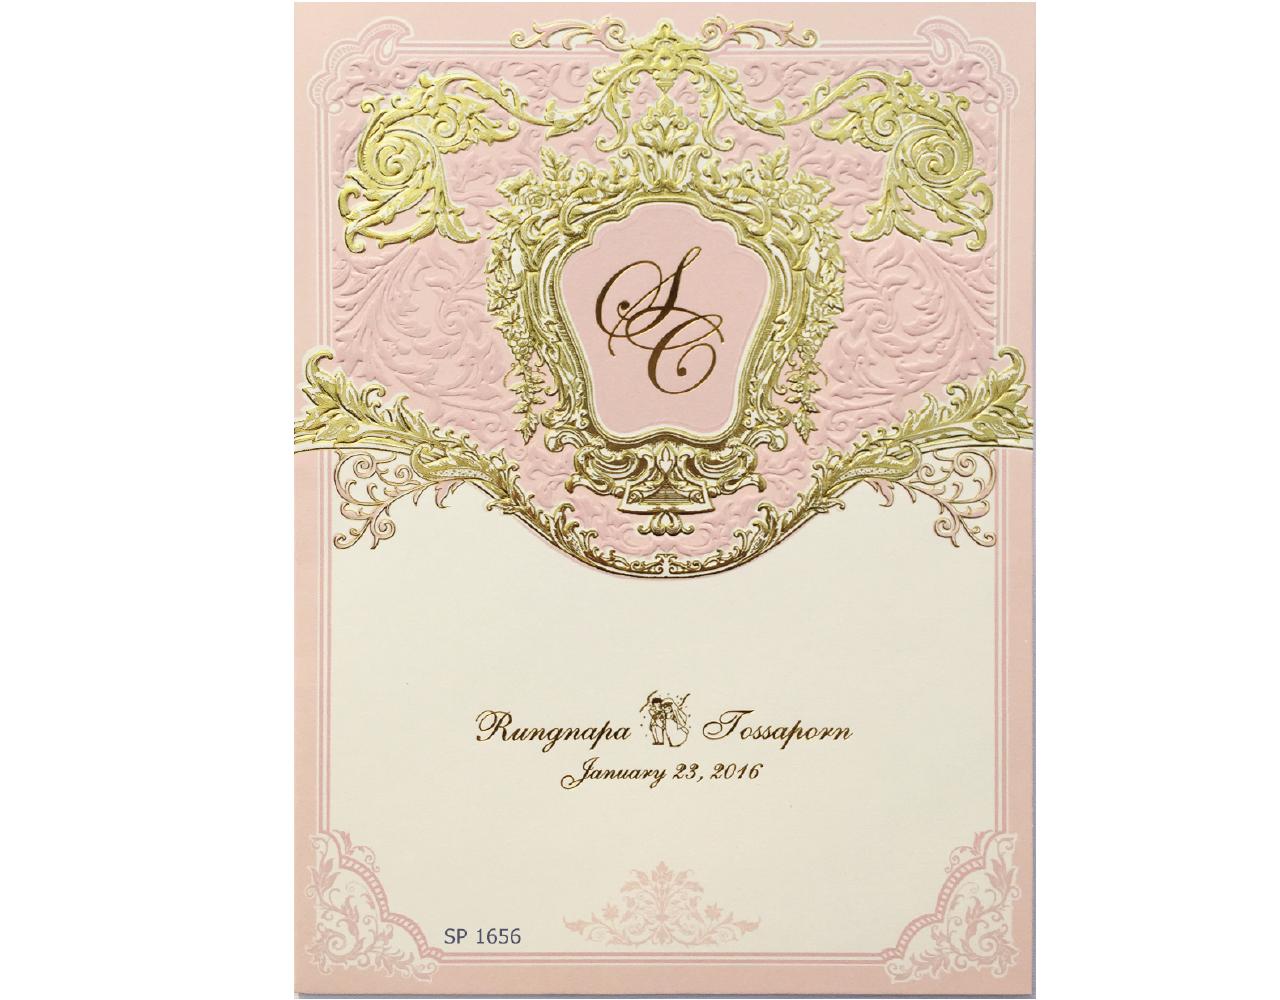 การ์ดแต่งงาน การ์ดเชิญ สีครีมชมพู 2 พับ รูปแบบหลากหลาย wedding card 6x8.5 inch sp 1656